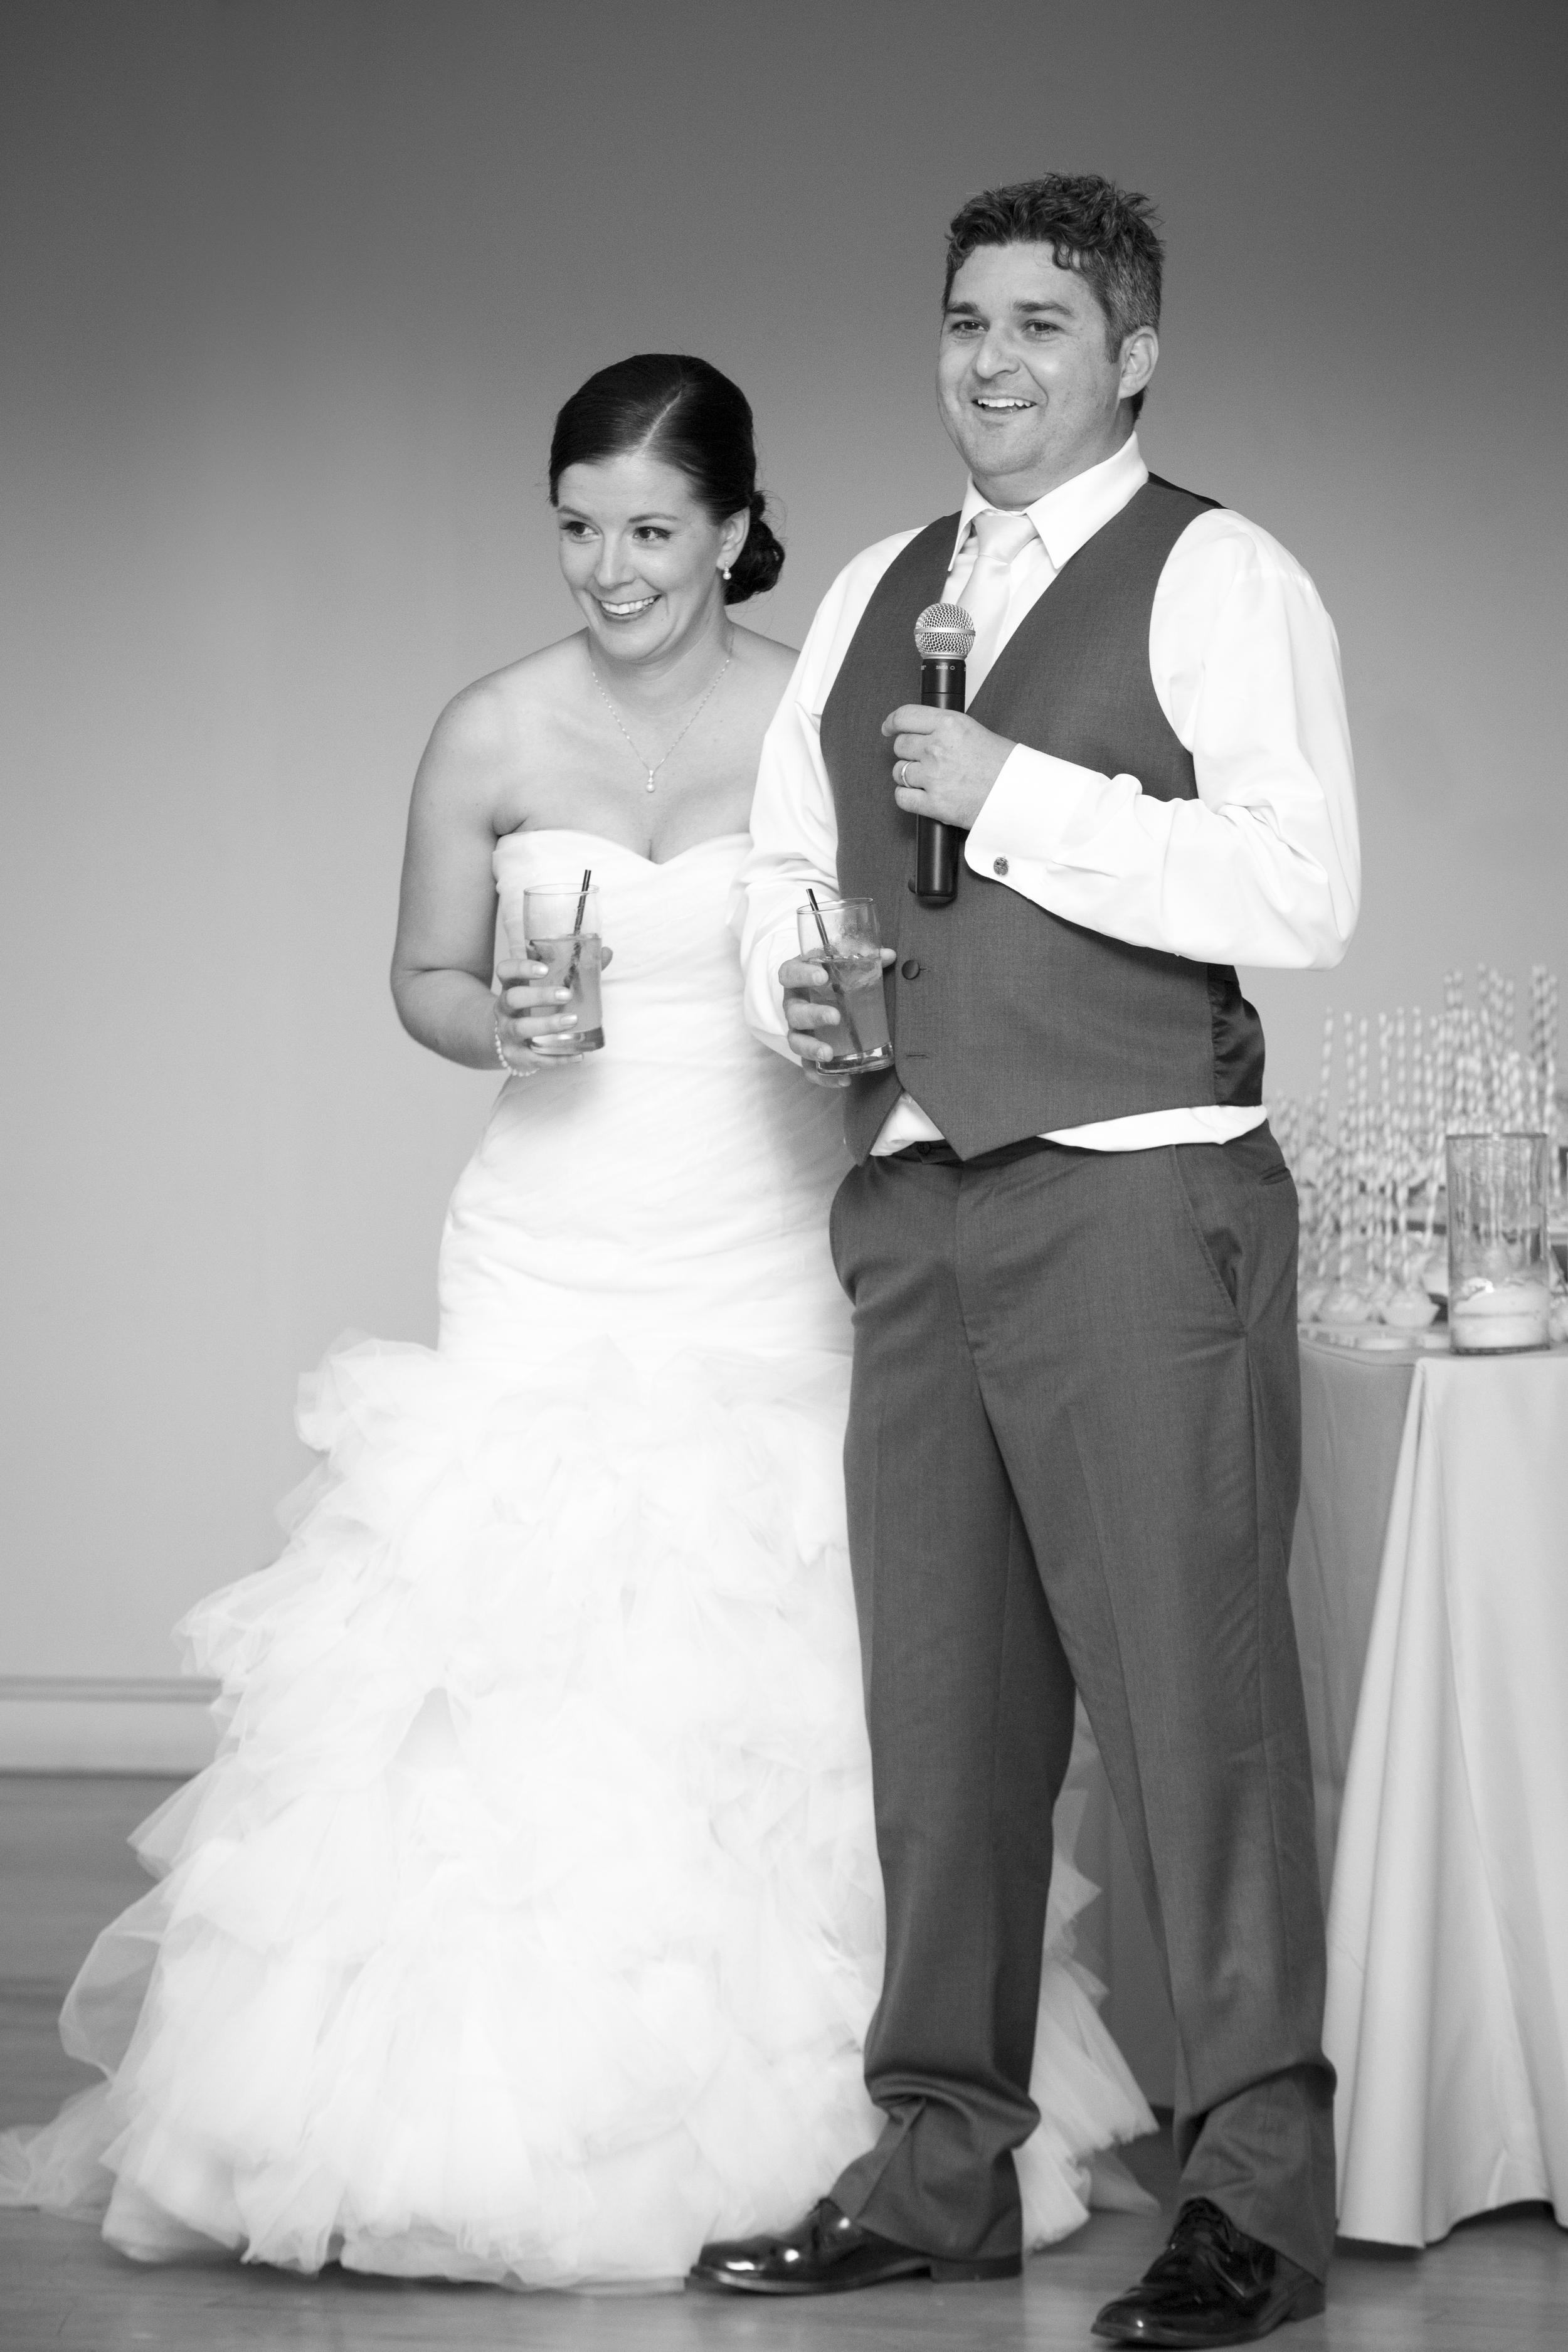 deanna_nich_wedding-14.jpg